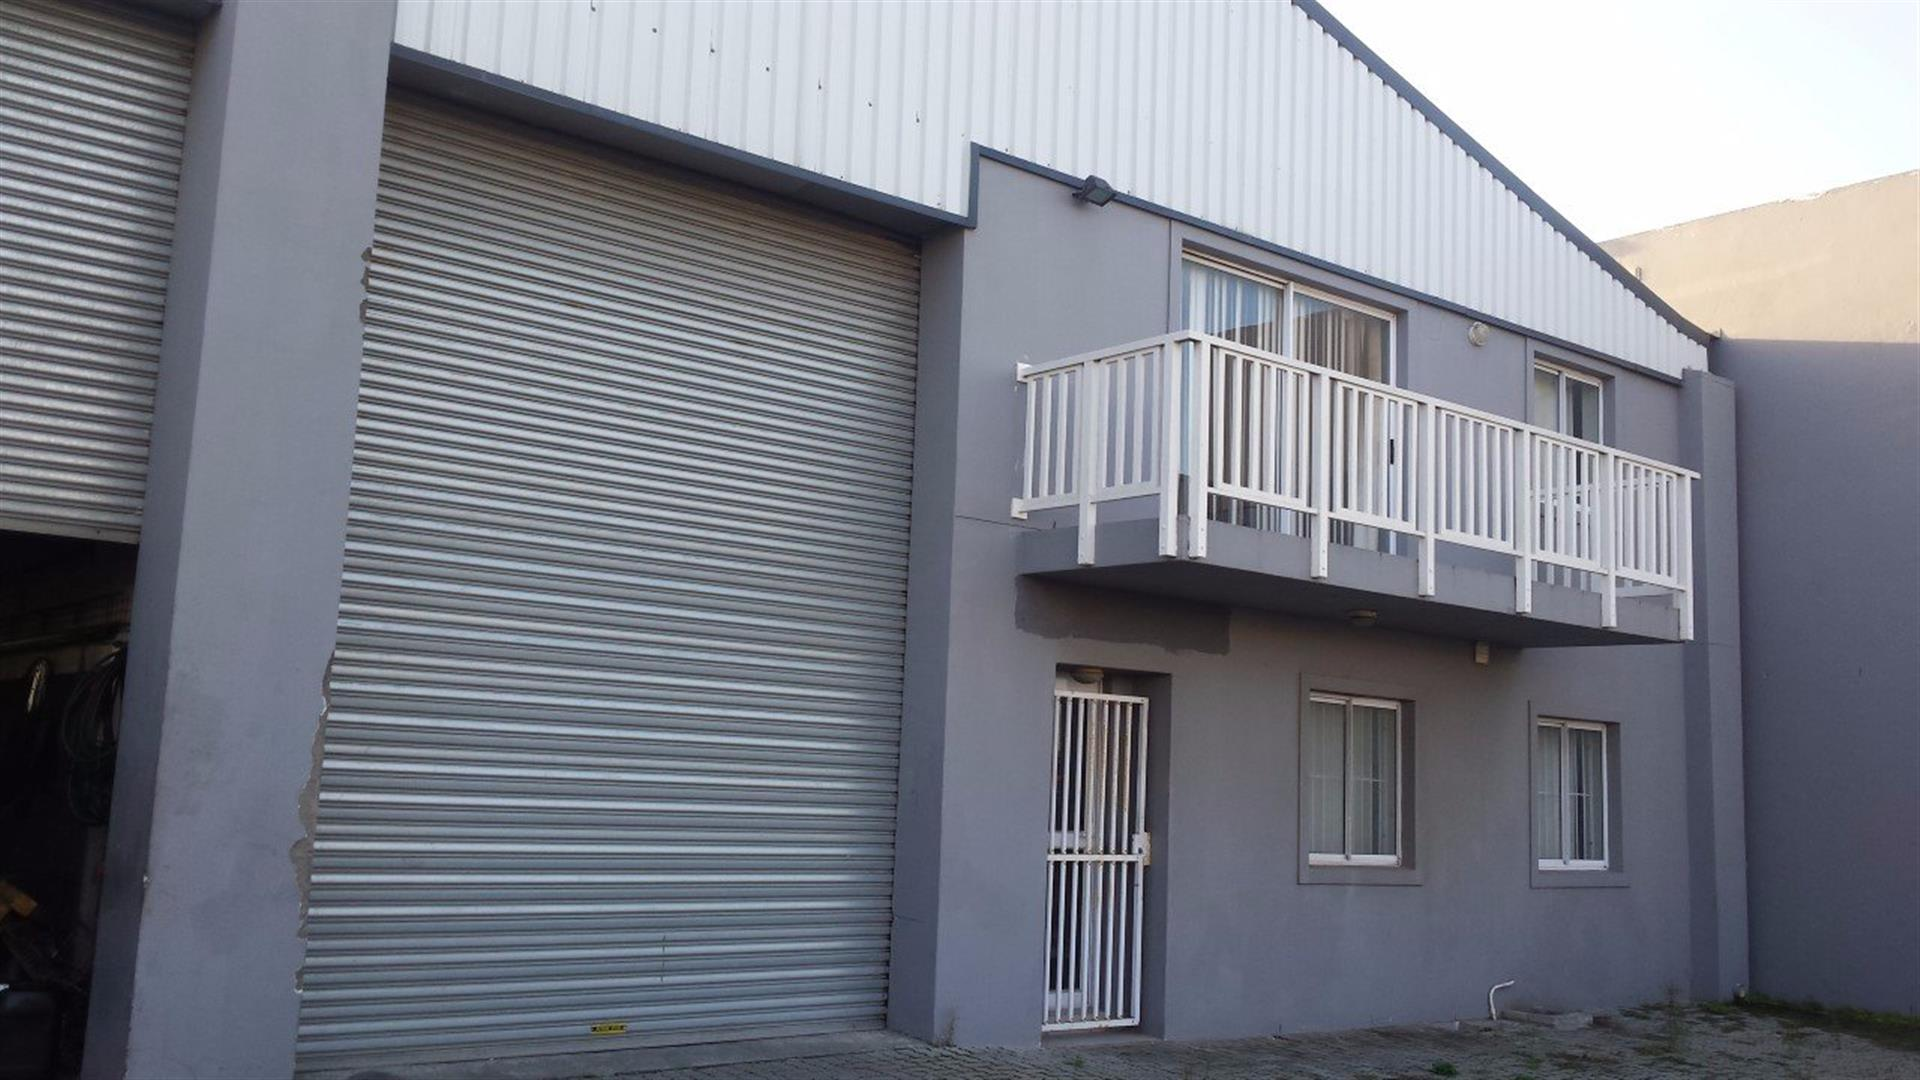 280 m2 Sectional Title Factory FOR SALE Saxenburg Park 2 Blackheath @ R 5 265 /m2 = R 1 474 200 + VAT